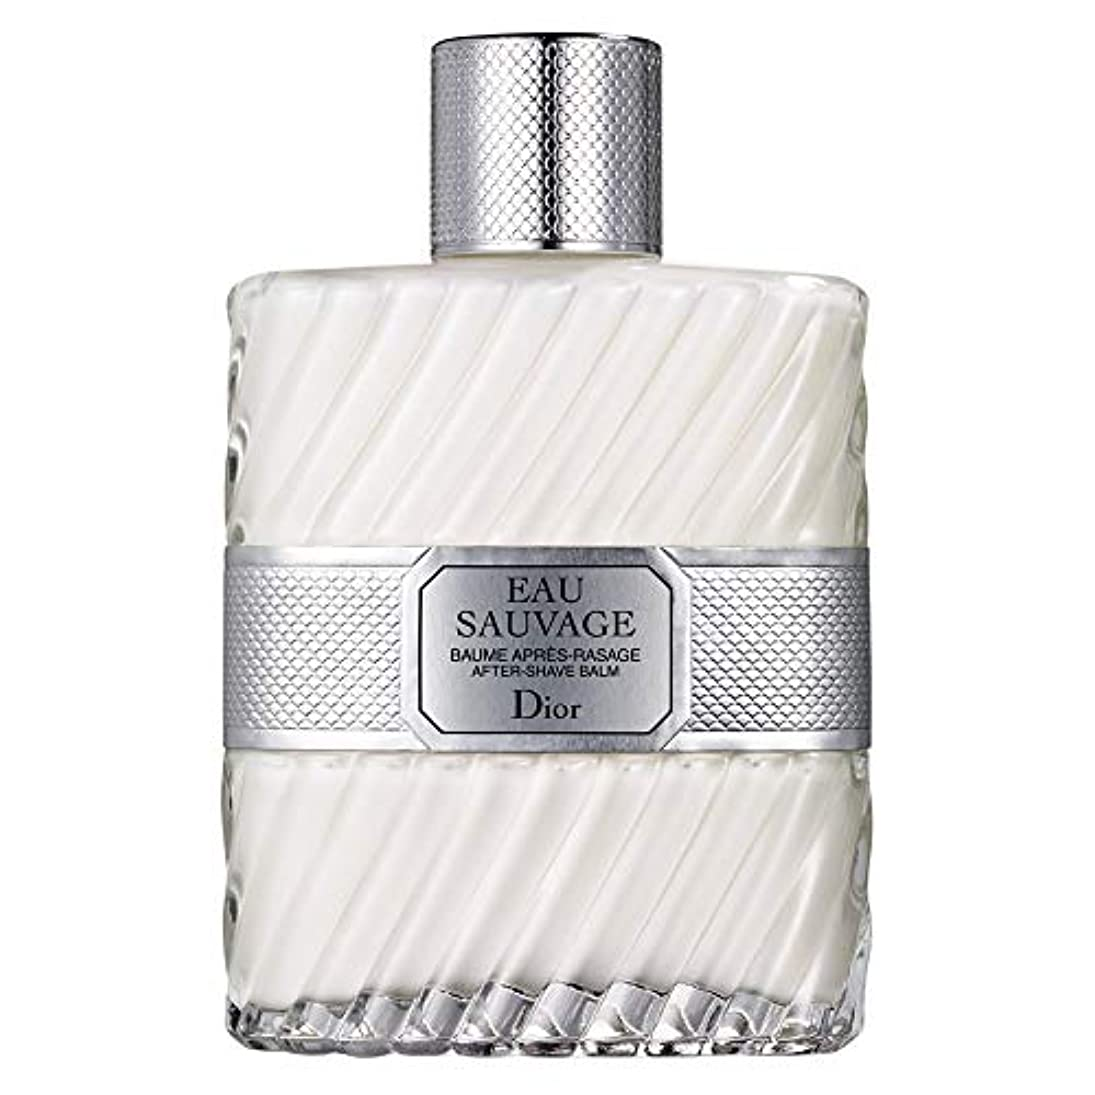 恥ずかしさ宣言する[Dior] バーム100ミリリットルとしてディオールオーソバージュ - Dior Eau Sauvage AS Balm 100ml [並行輸入品]